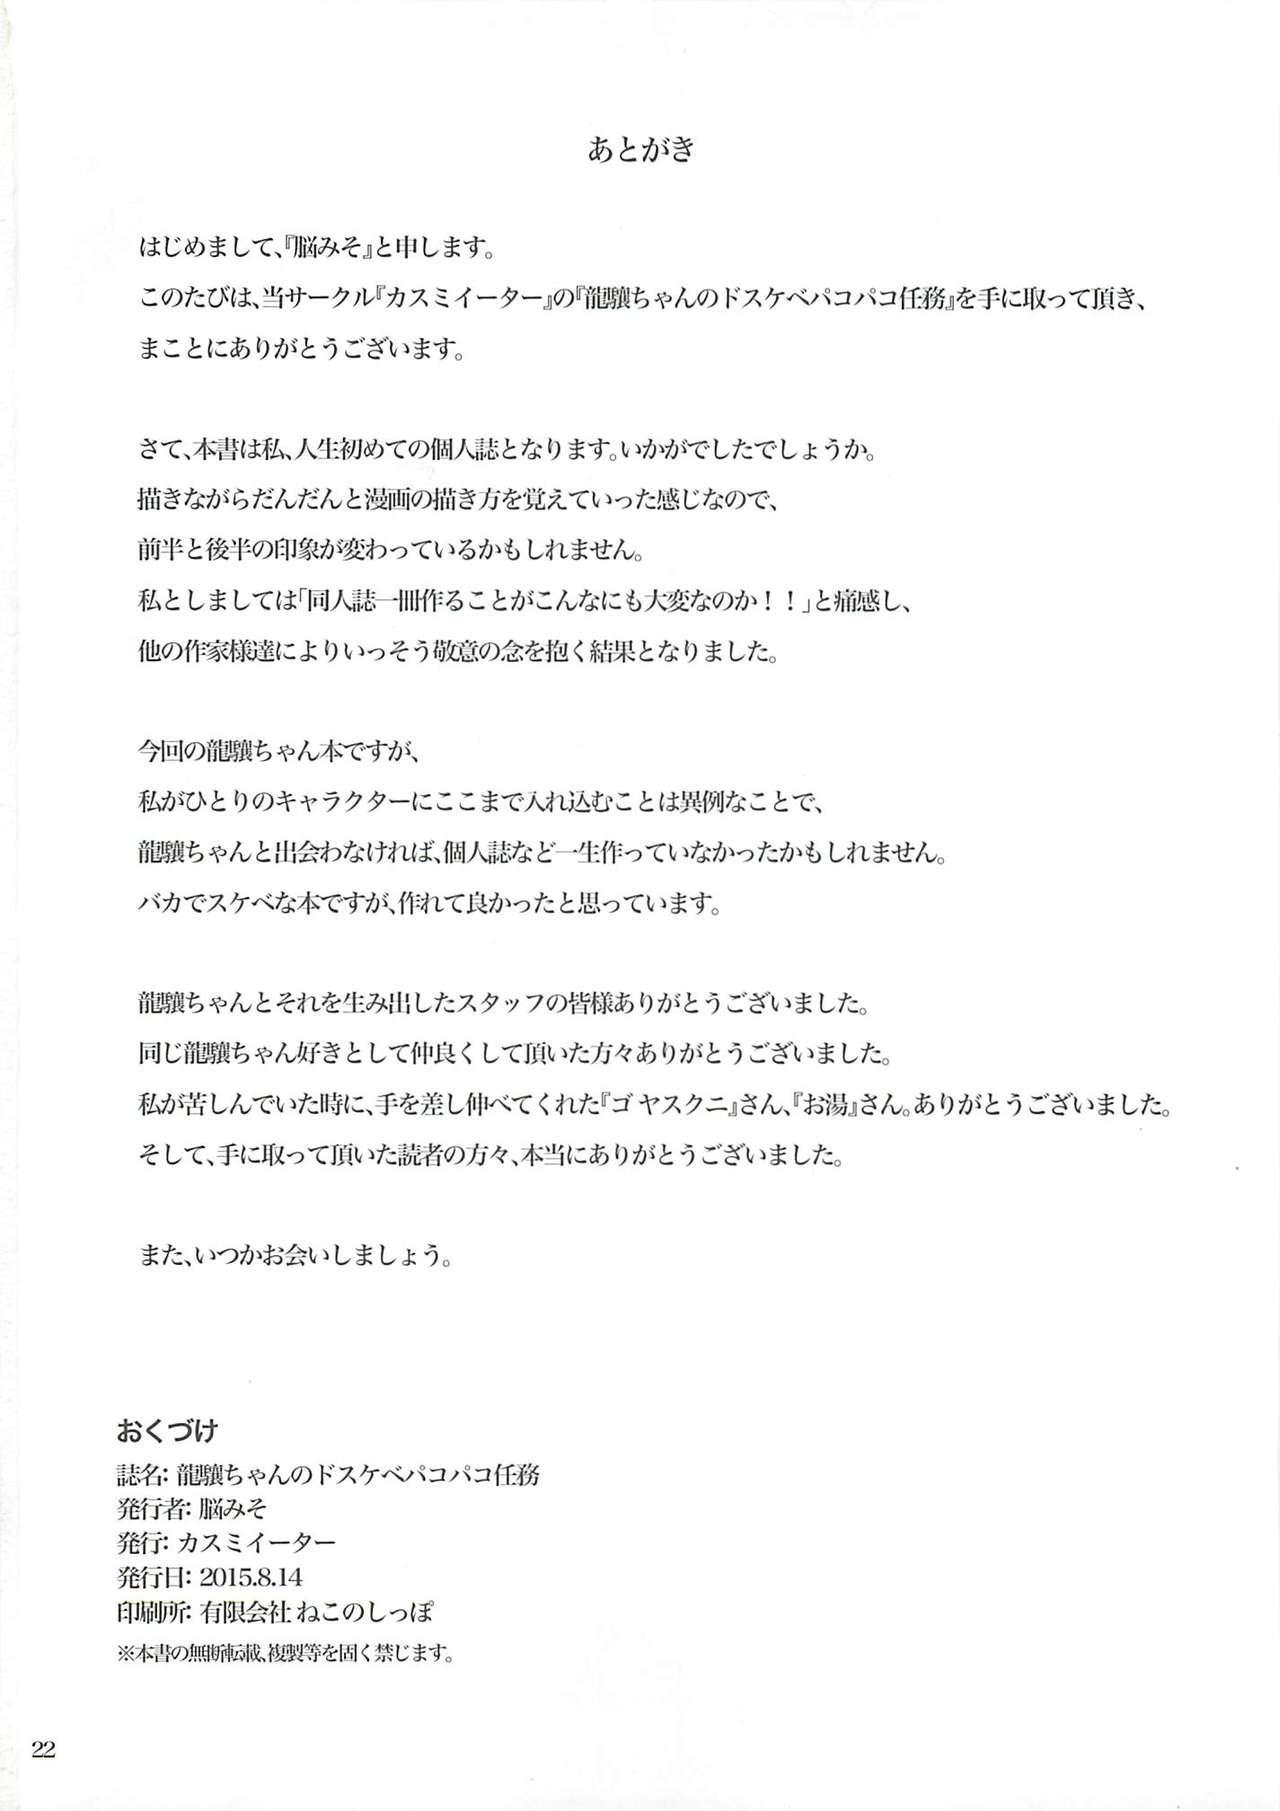 Ryuujou-chan no Dosukebe Pakopako Ninmu 20